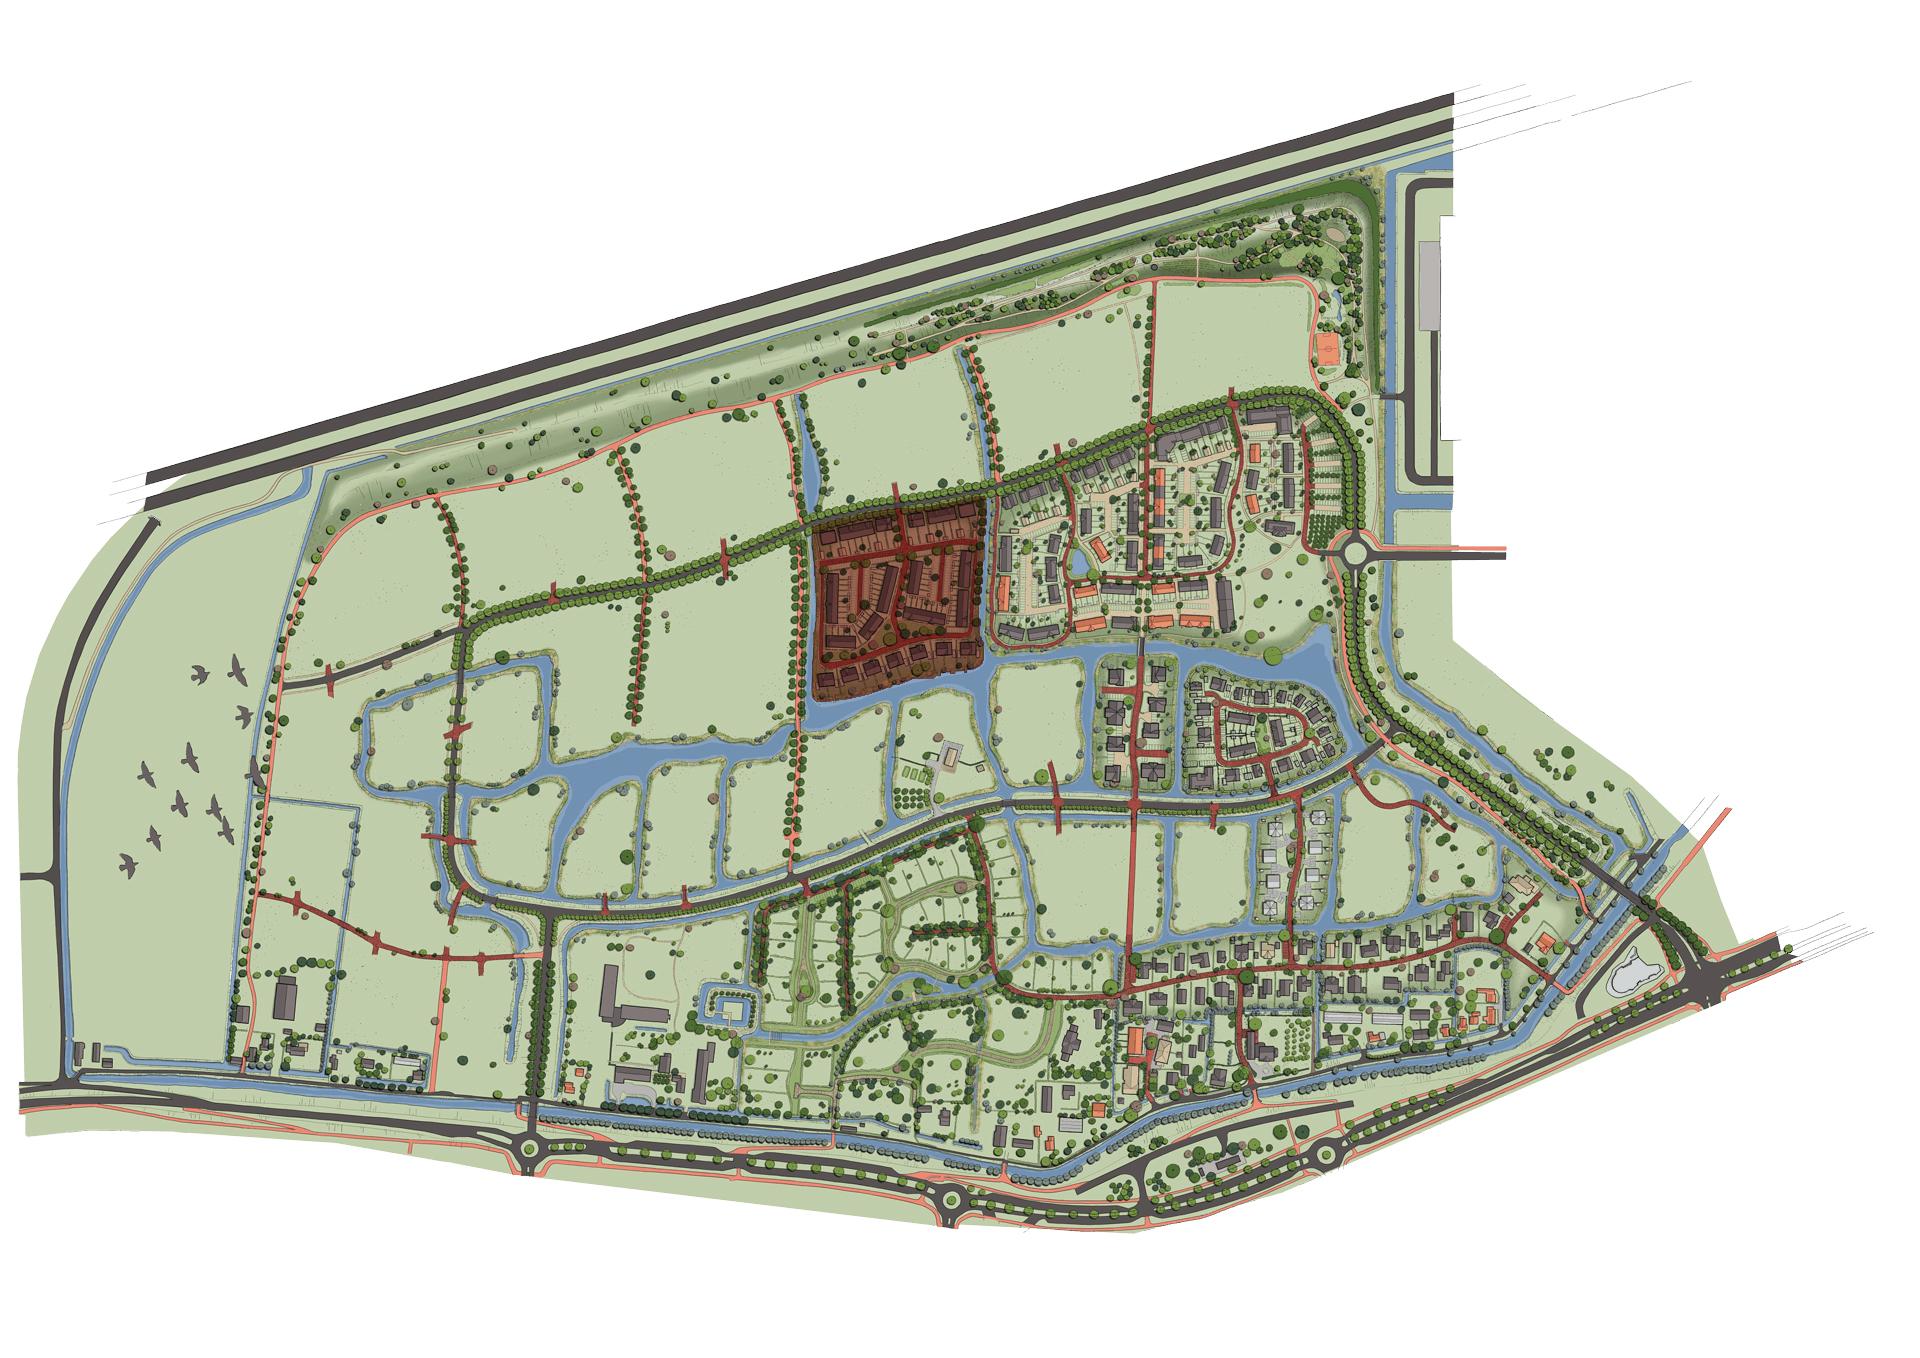 Plankaart 061119 3